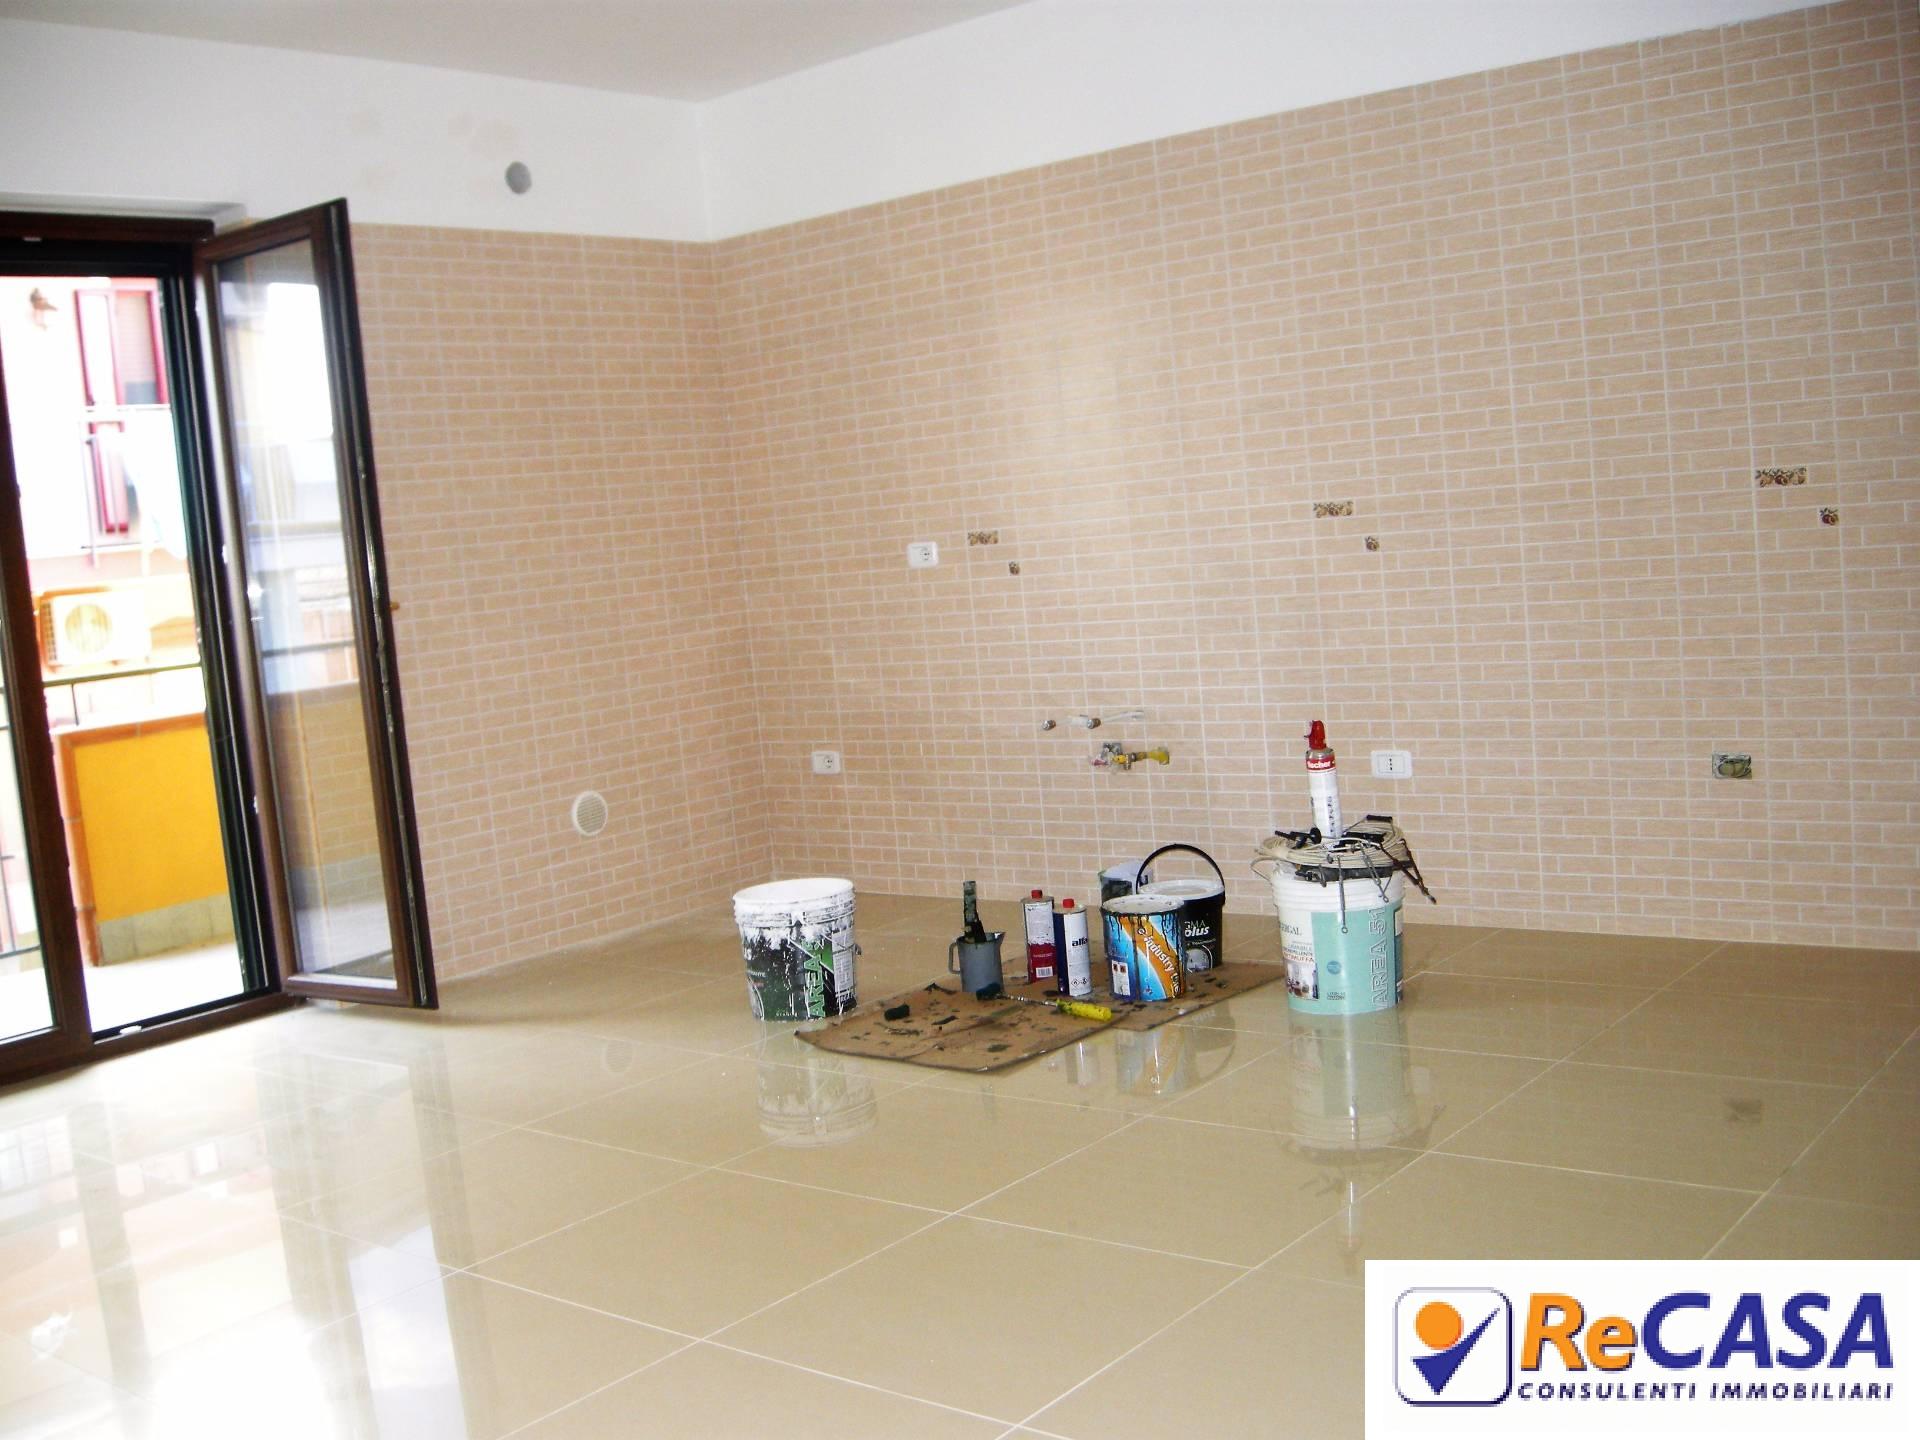 Appartamento in affitto a Montecorvino Rovella, 3 locali, zona Zona: Macchia, prezzo € 400 | CambioCasa.it